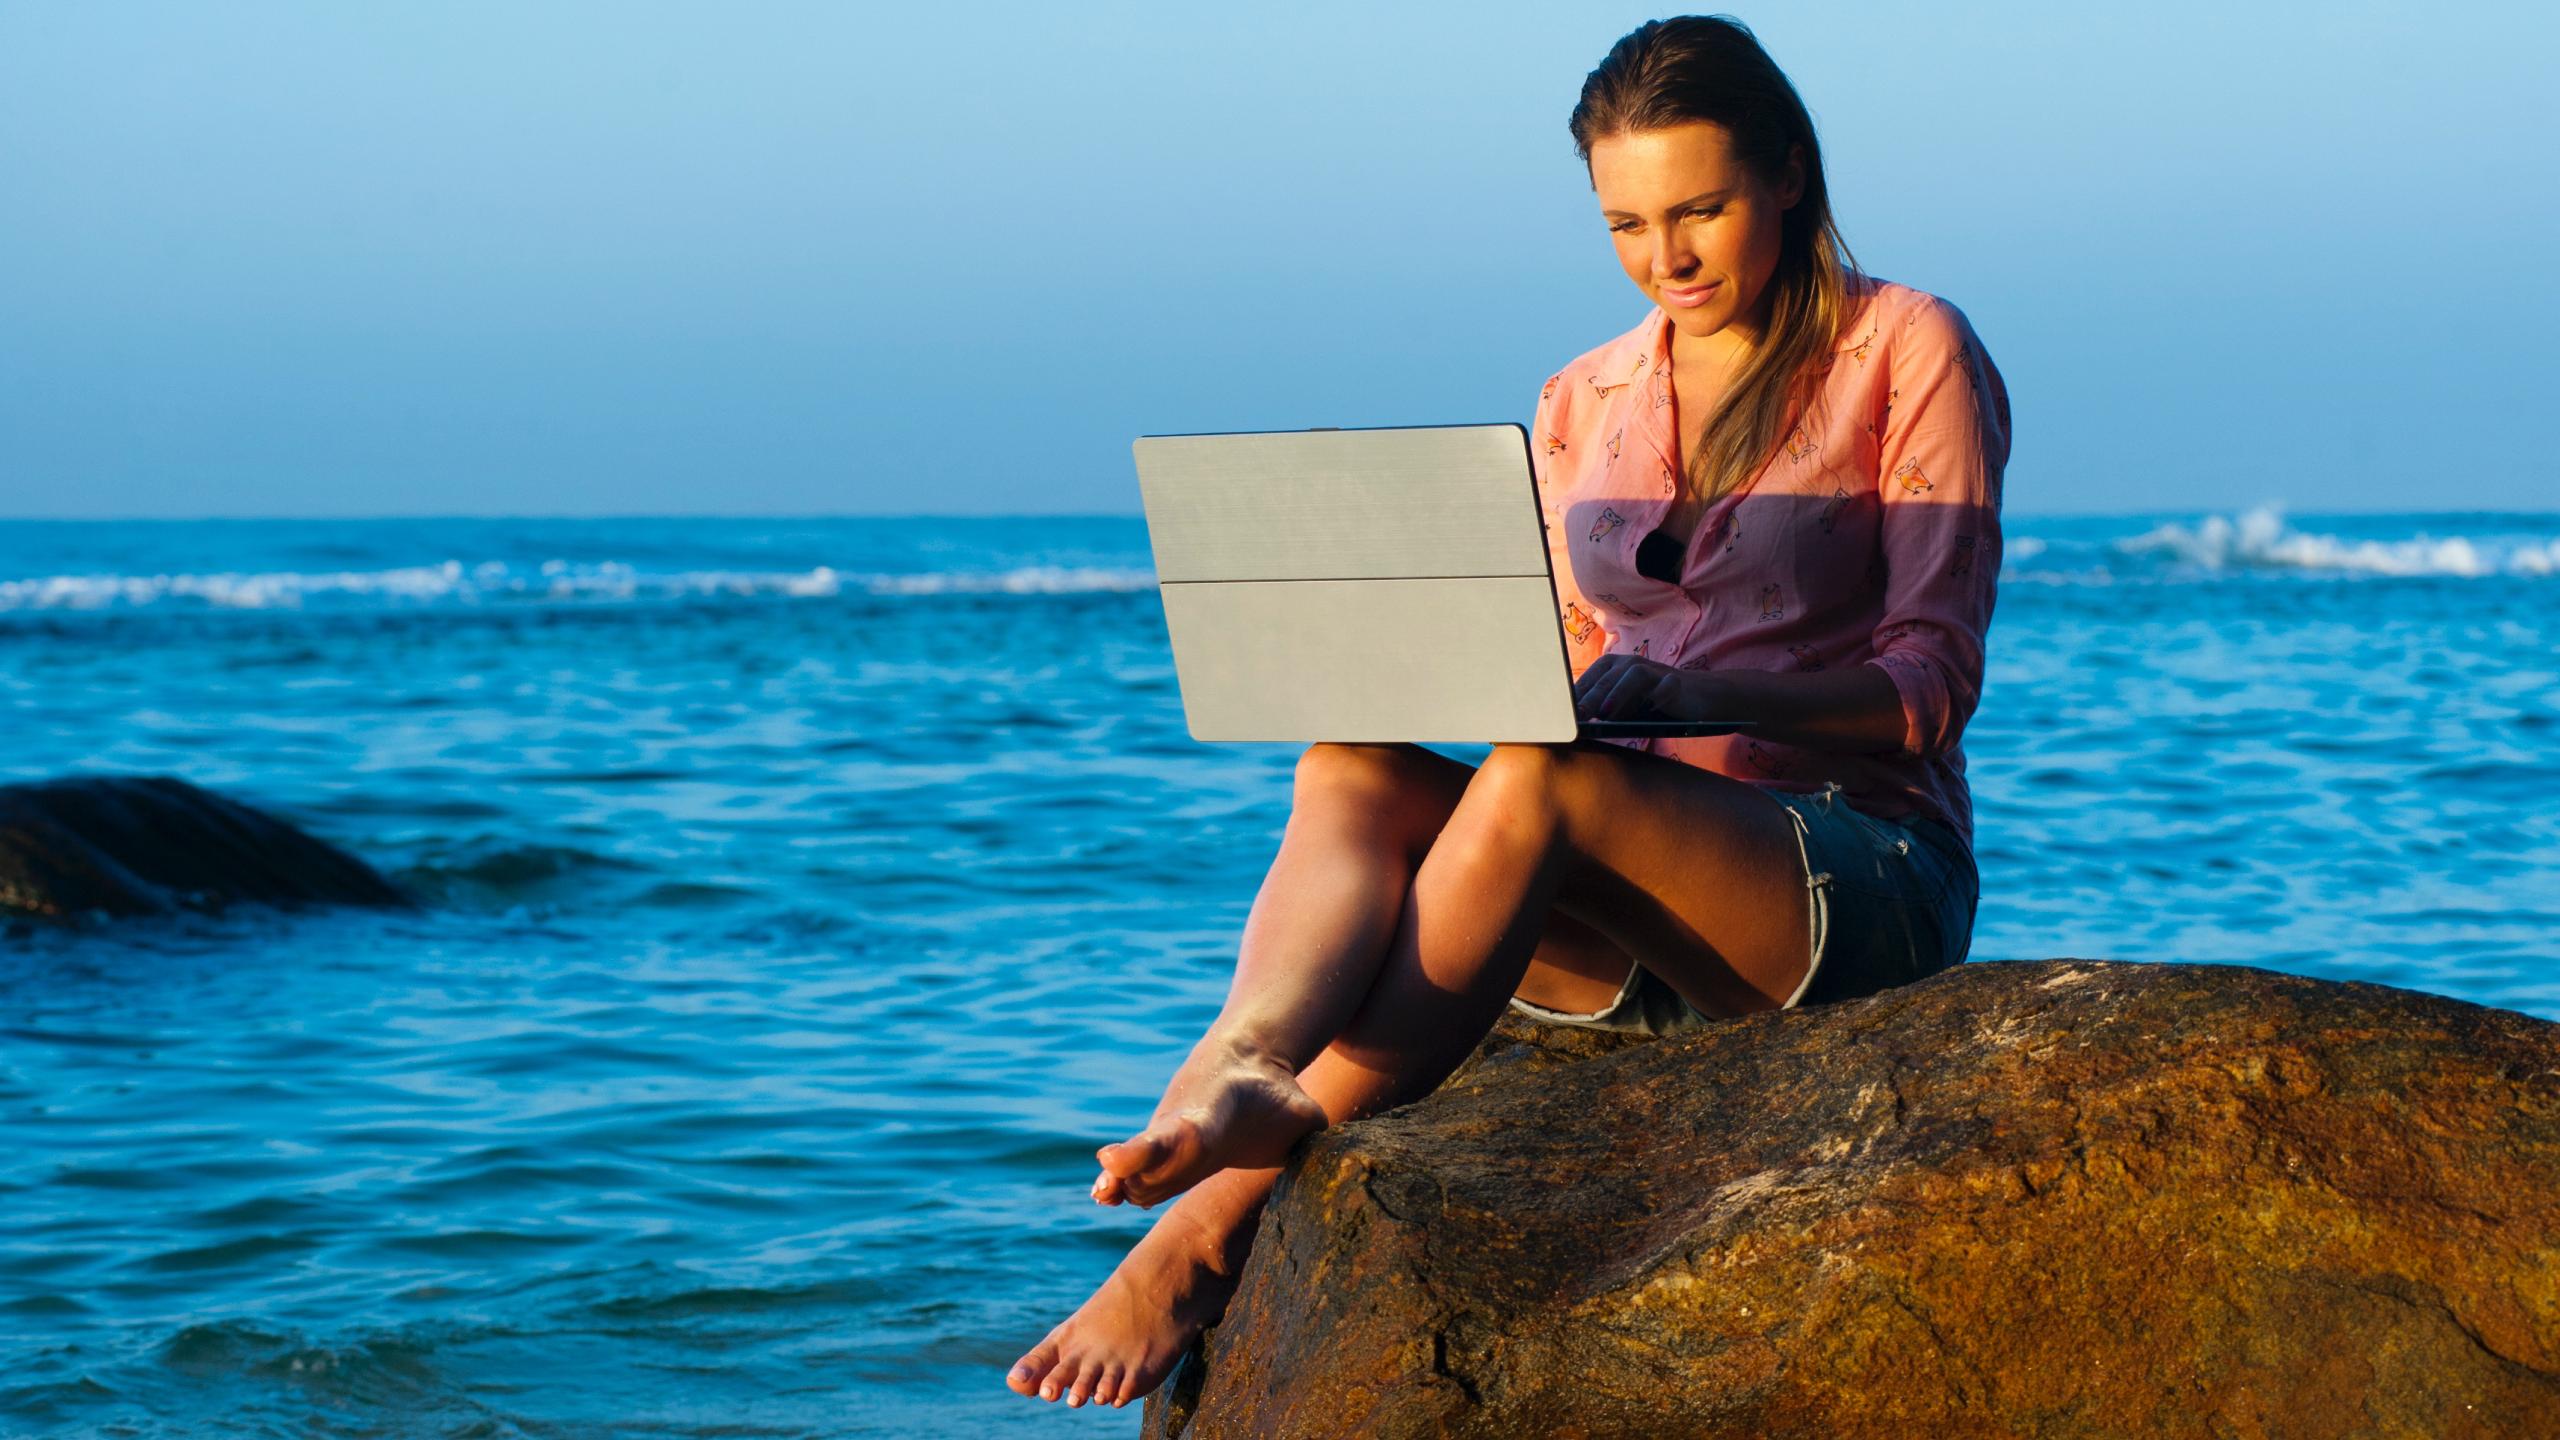 Los 5 mejores destinos para nómadas digitales